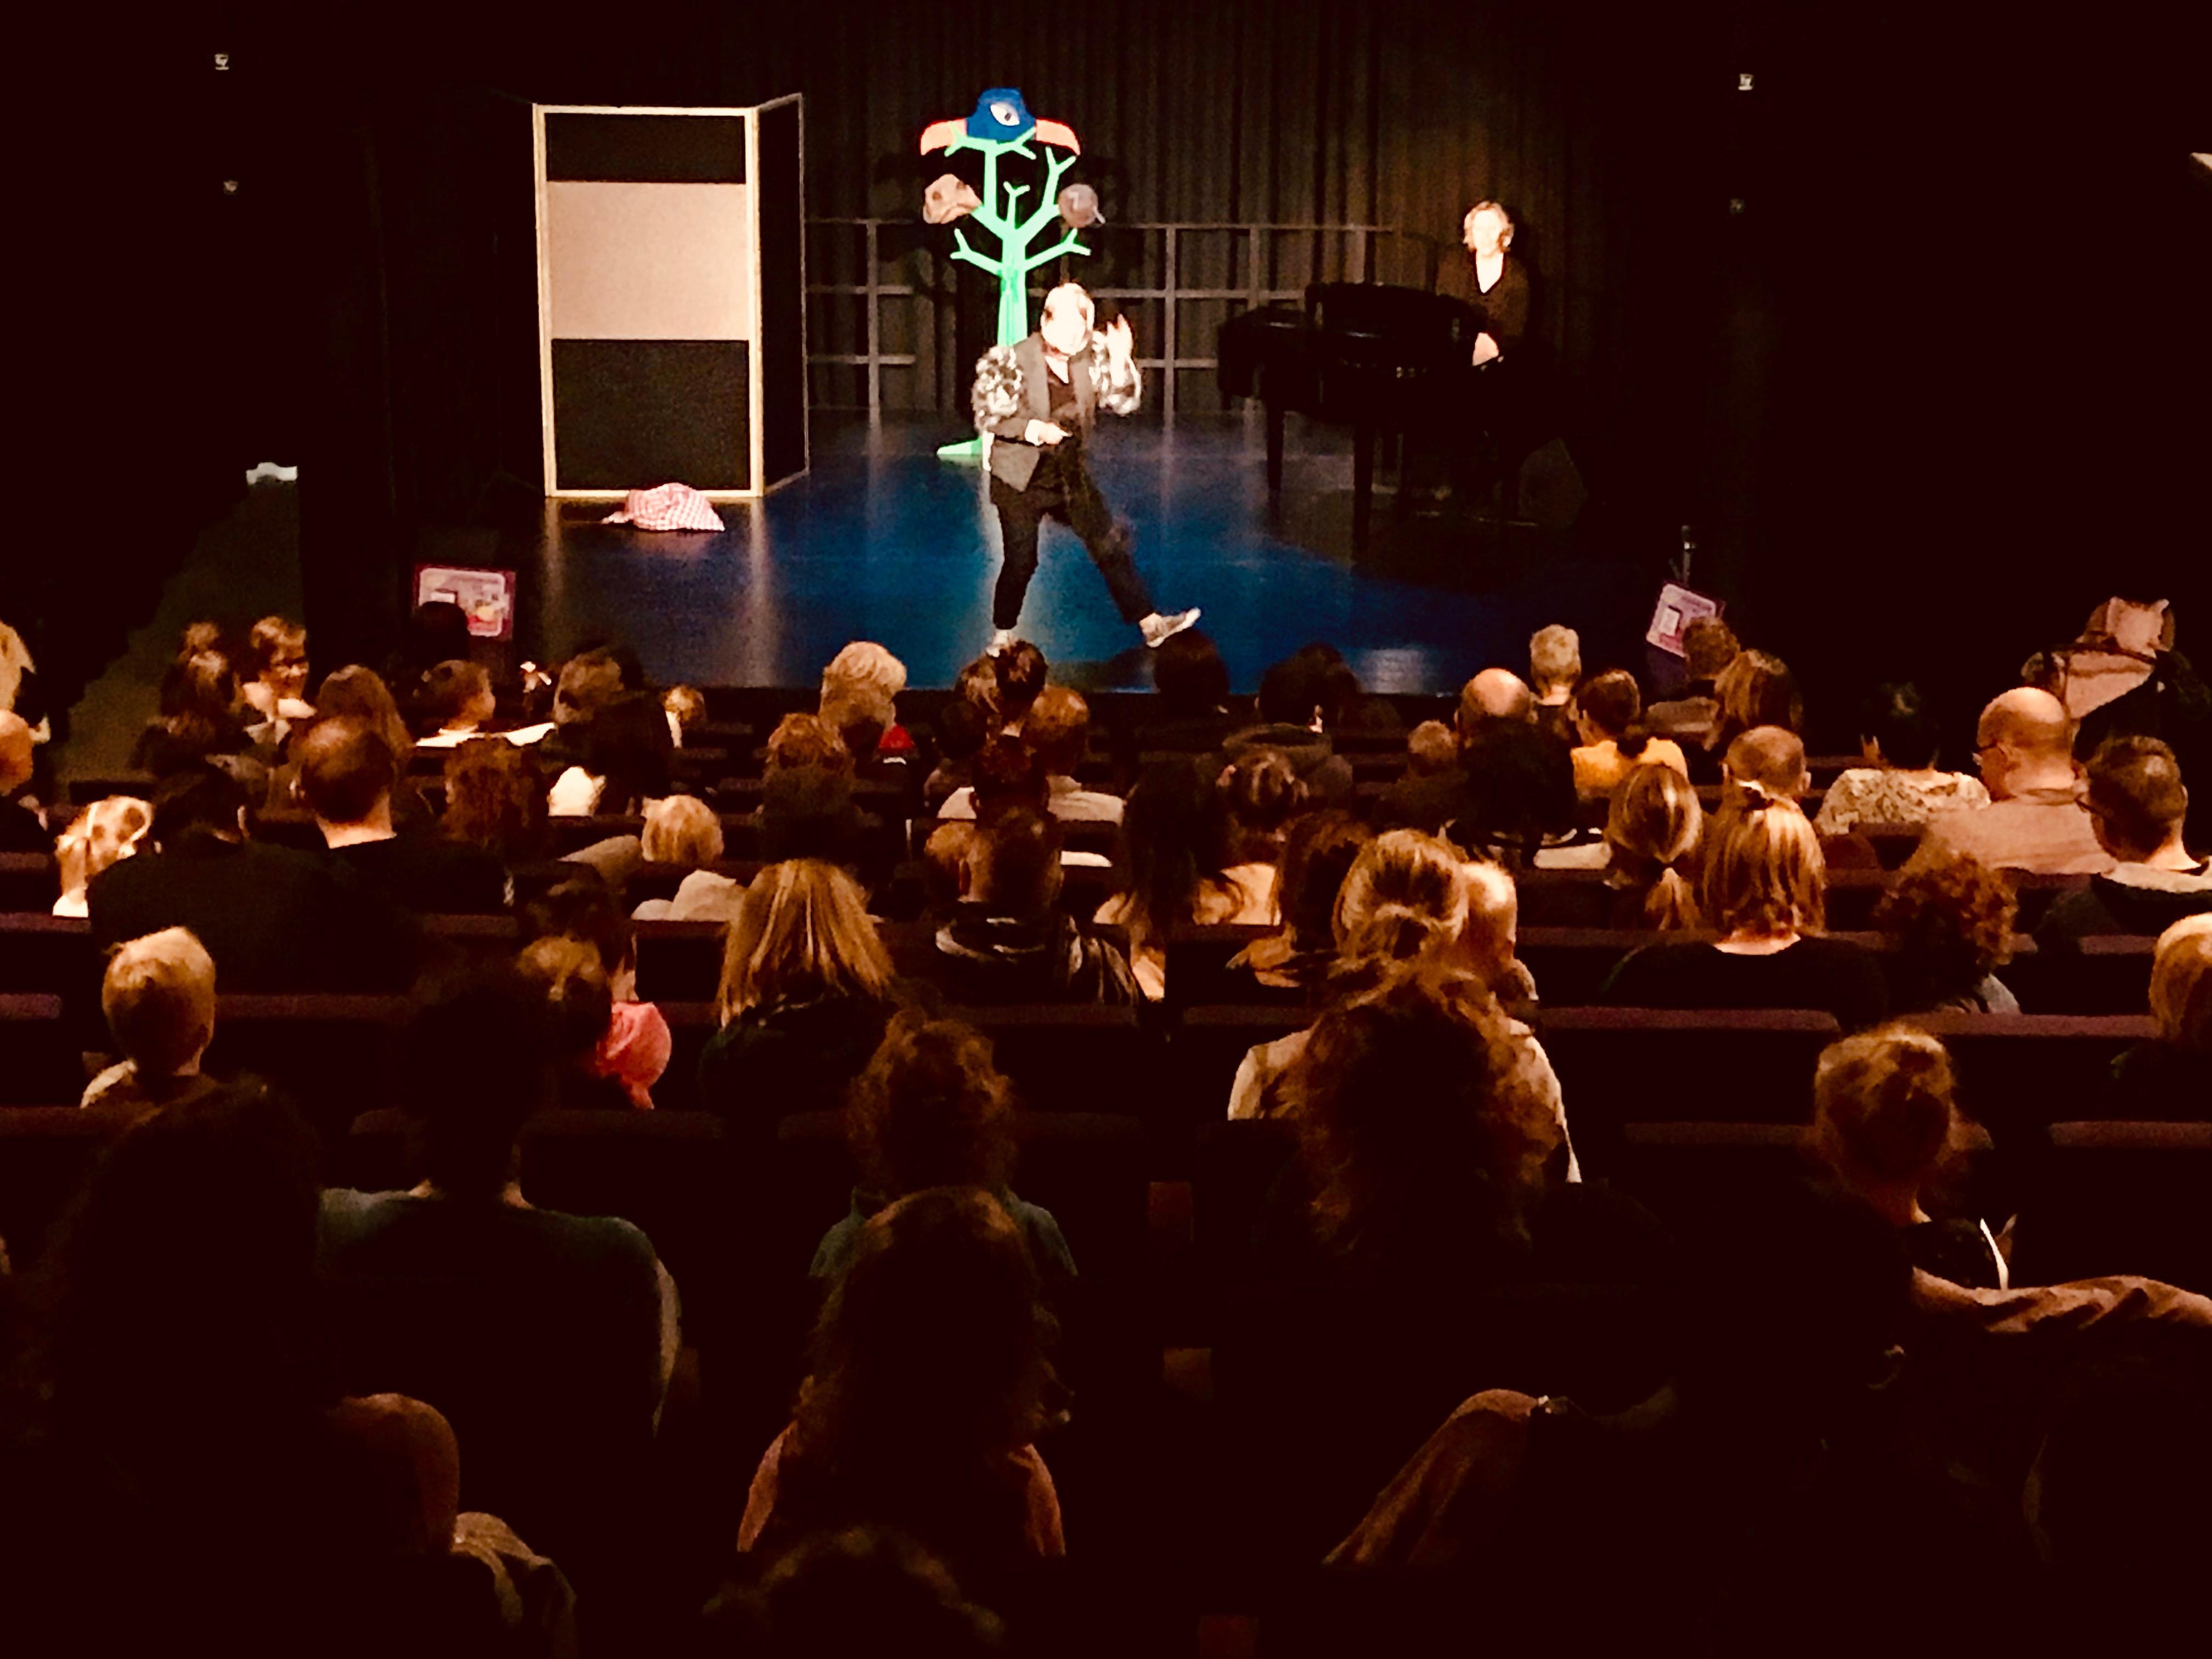 Kindervoorstelling ZieZus Nieuwe Bibliotheek Almere Nationale Voorleesdagen EEN HUIS VOOR HARRY interactief meespelen peuters kleuters IMG_7120